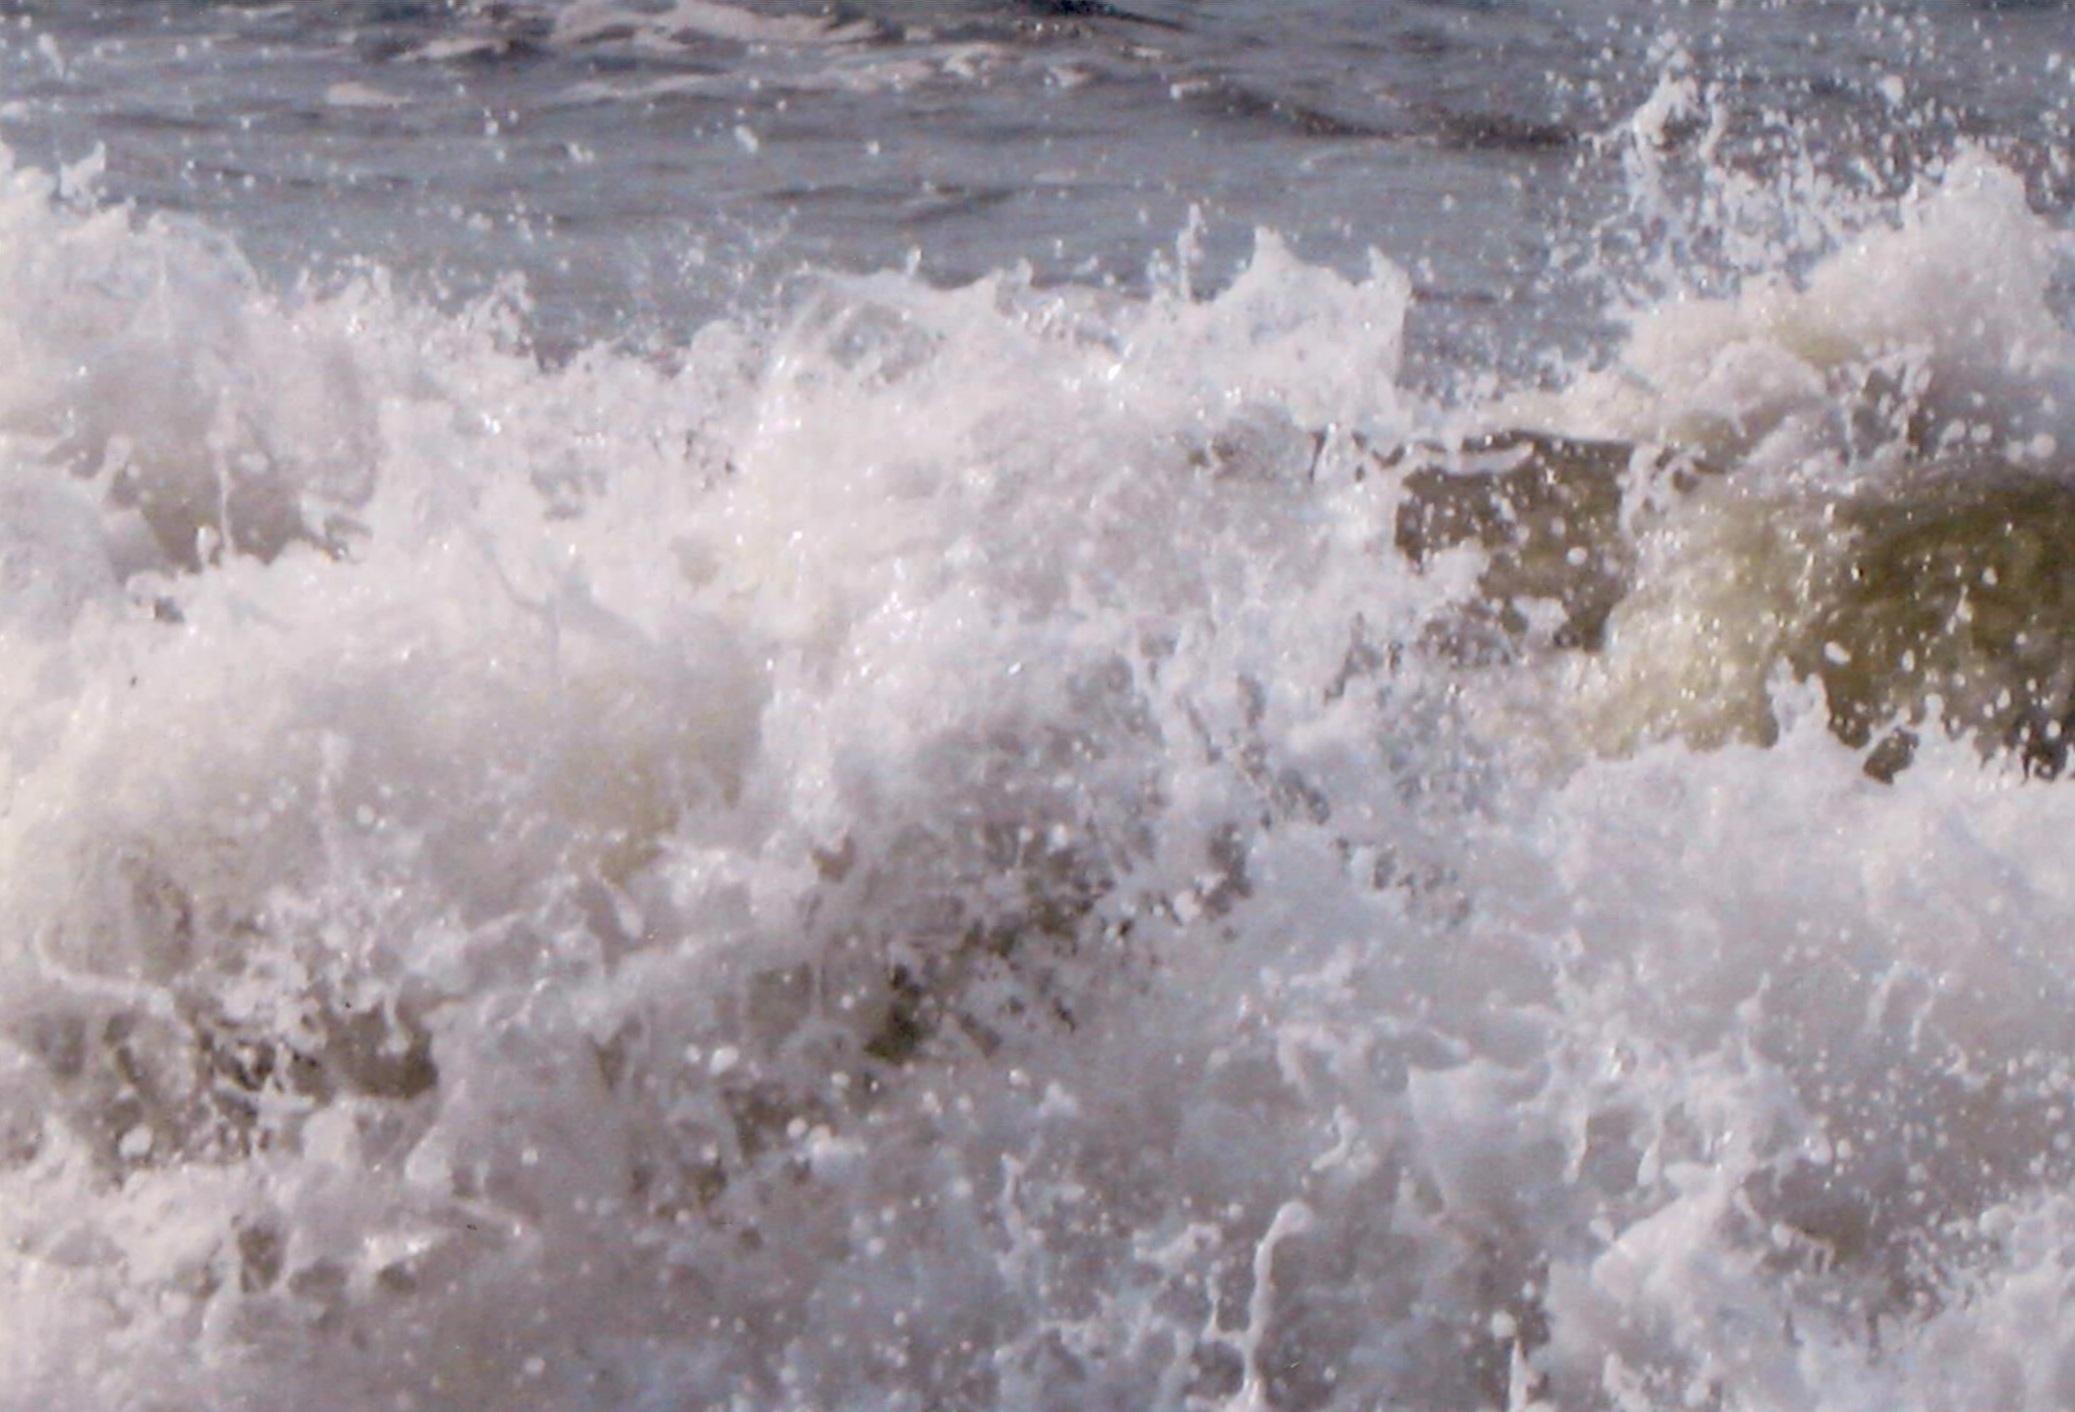 In questa foto IMMACOLATA MARIA da il messaggio a Lina di pregare a DIO UNIVERSALE di togliere dal mondo gli insetti carbonici che danneggiano le piante e fiori. La foto del mare ci sono anime che sorridono con gioia di essere liberate dal demonio per l' eternità.